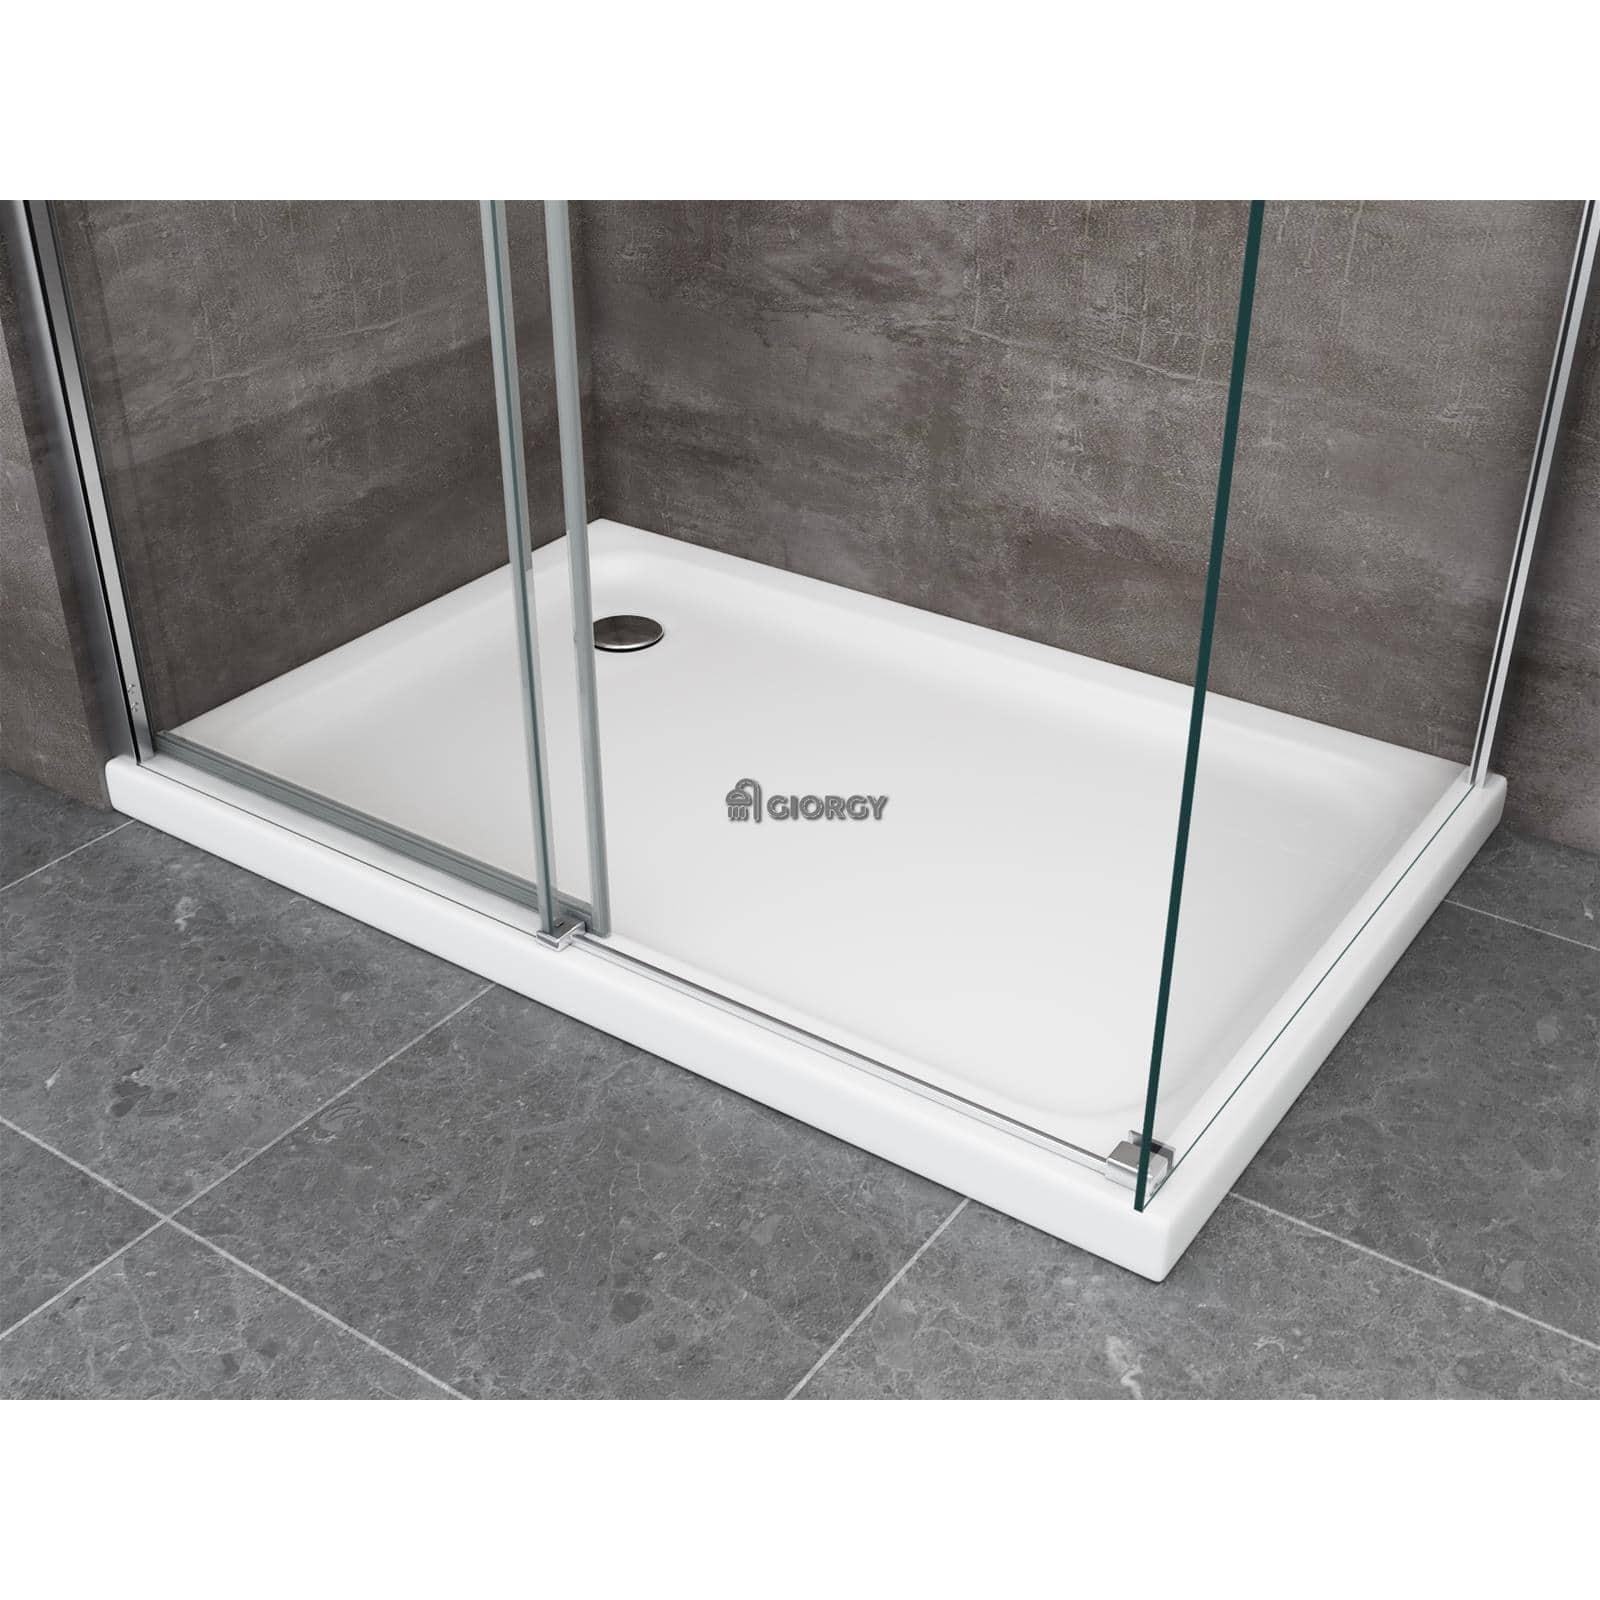 Box doccia 8 mm cristallo fisso porta anta scorrevole cabina bagno anticalcare ebay - Porta in cristallo scorrevole ...